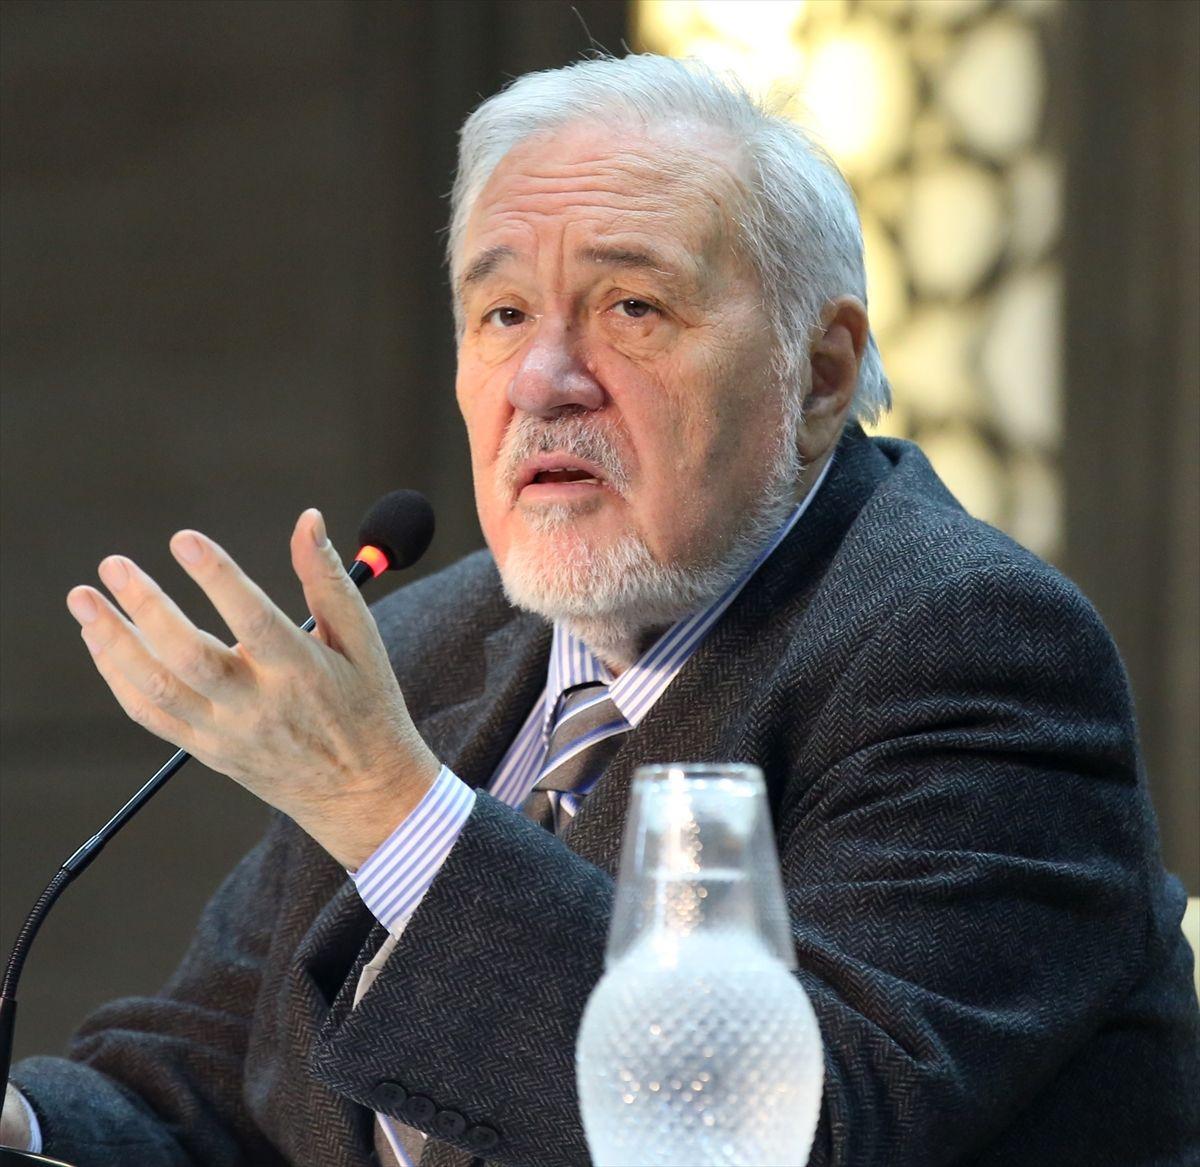 İlber Ortaylı'dan 'Nobel' eleştirisi! Büyük bir edebiyat ödülü kasabalılaşmış